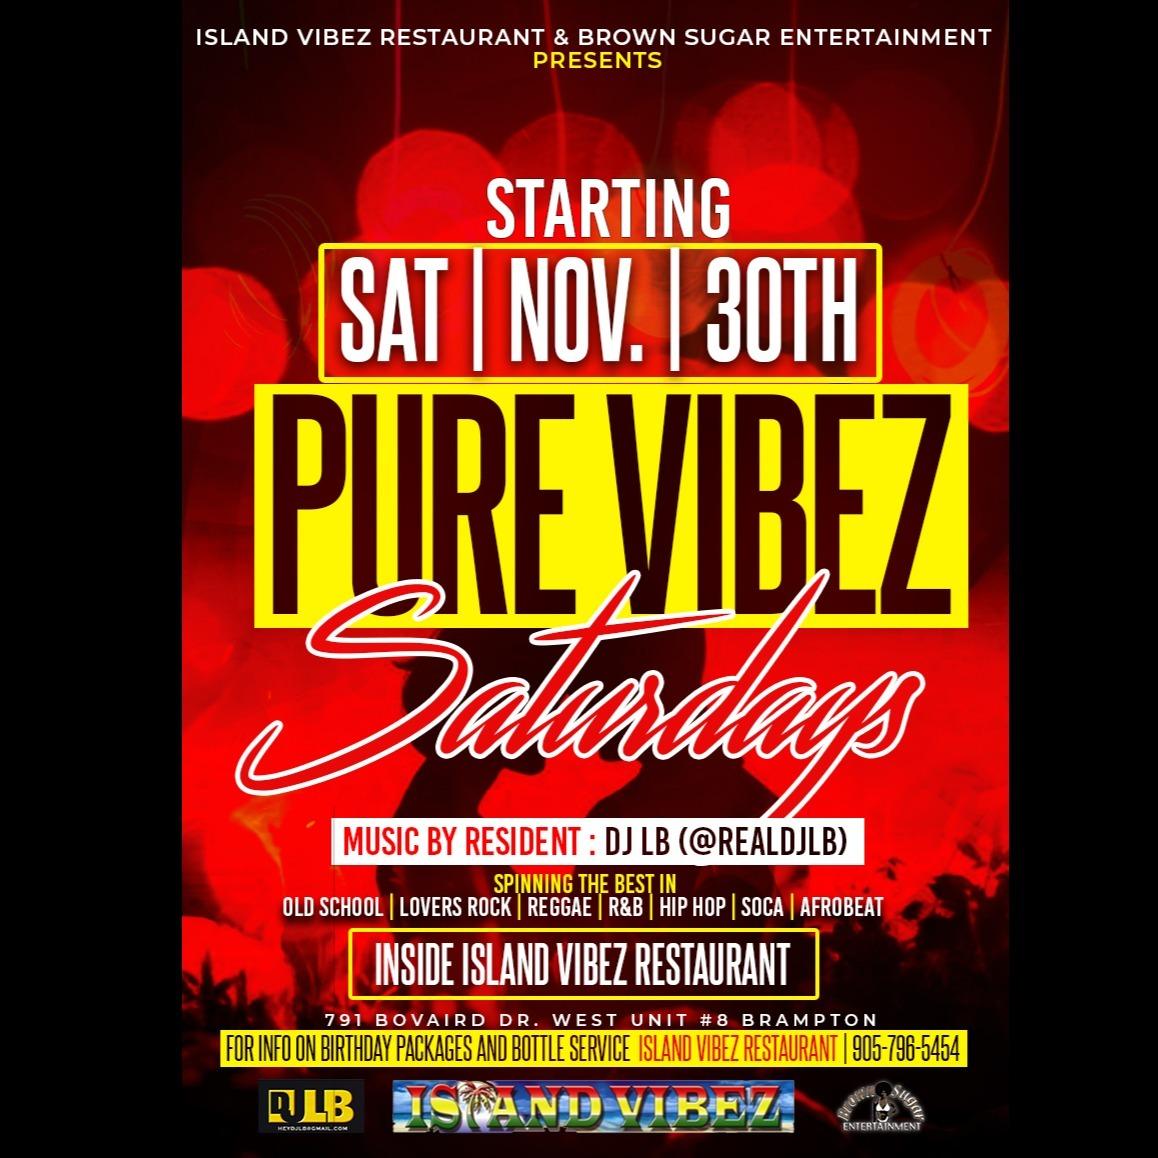 Pure Vibez Saturdays